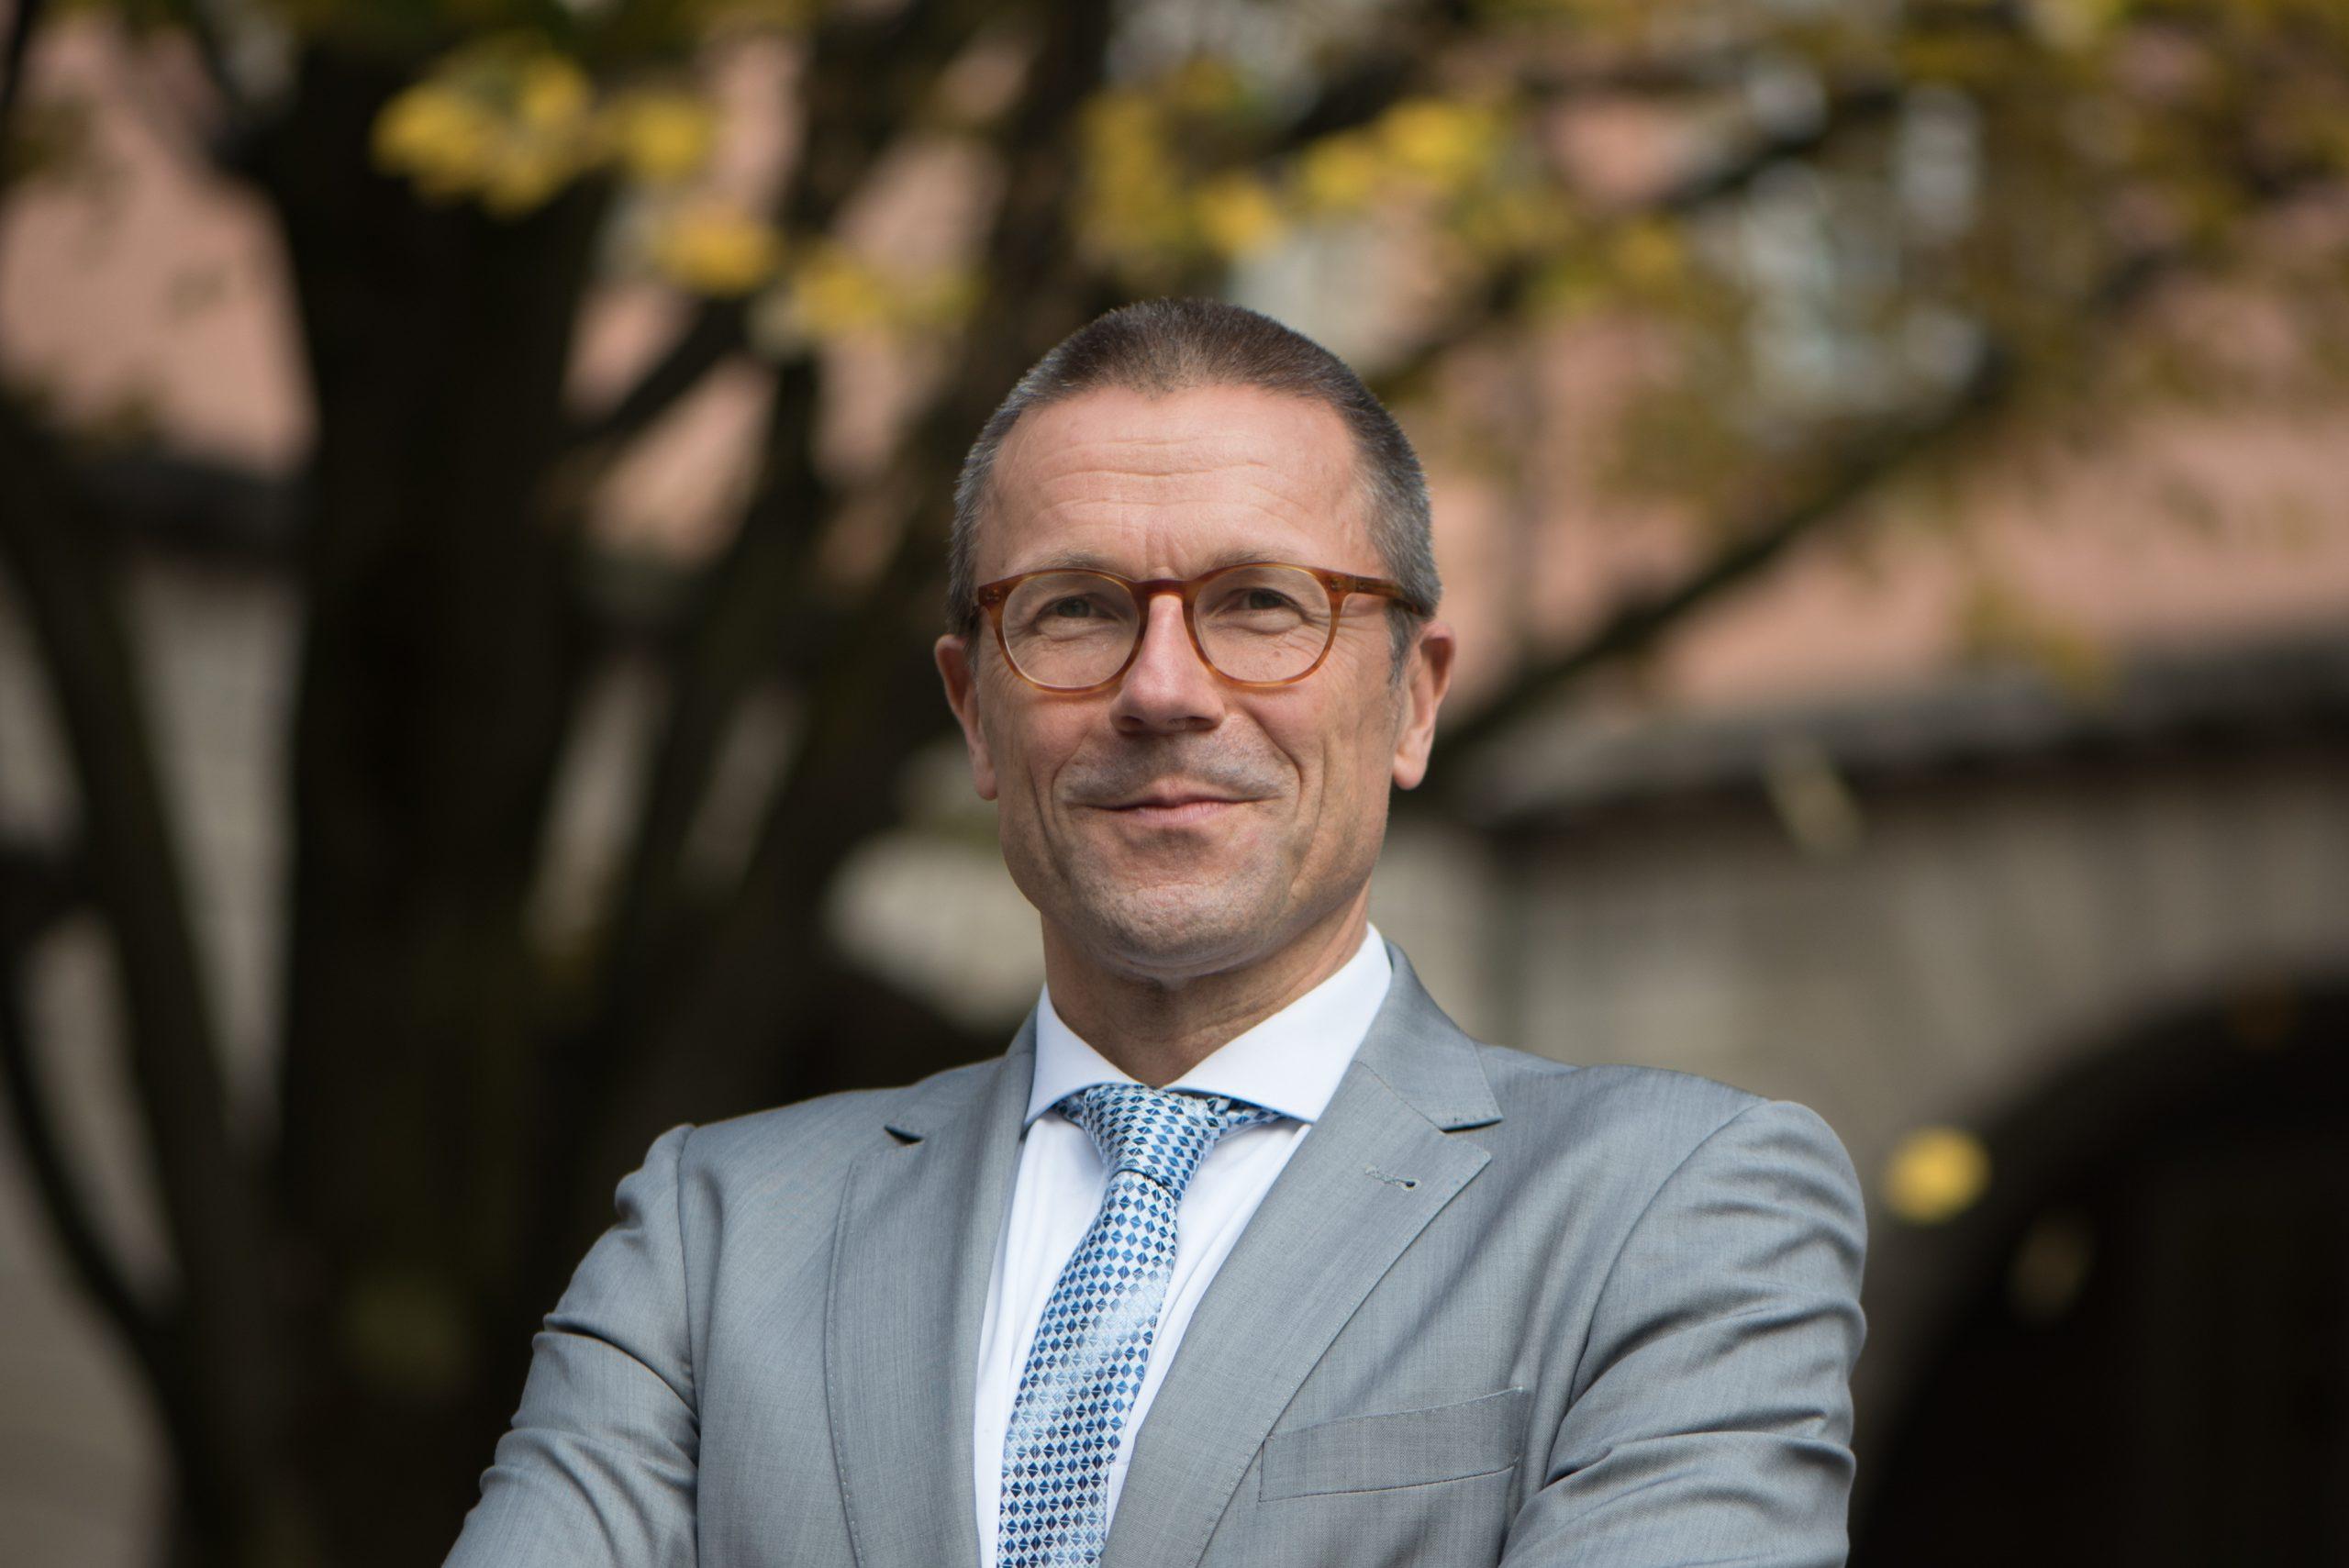 Grußwort von Prof. Dr. Schneidewind, Oberbürgermeister der Stadt Wuppertal